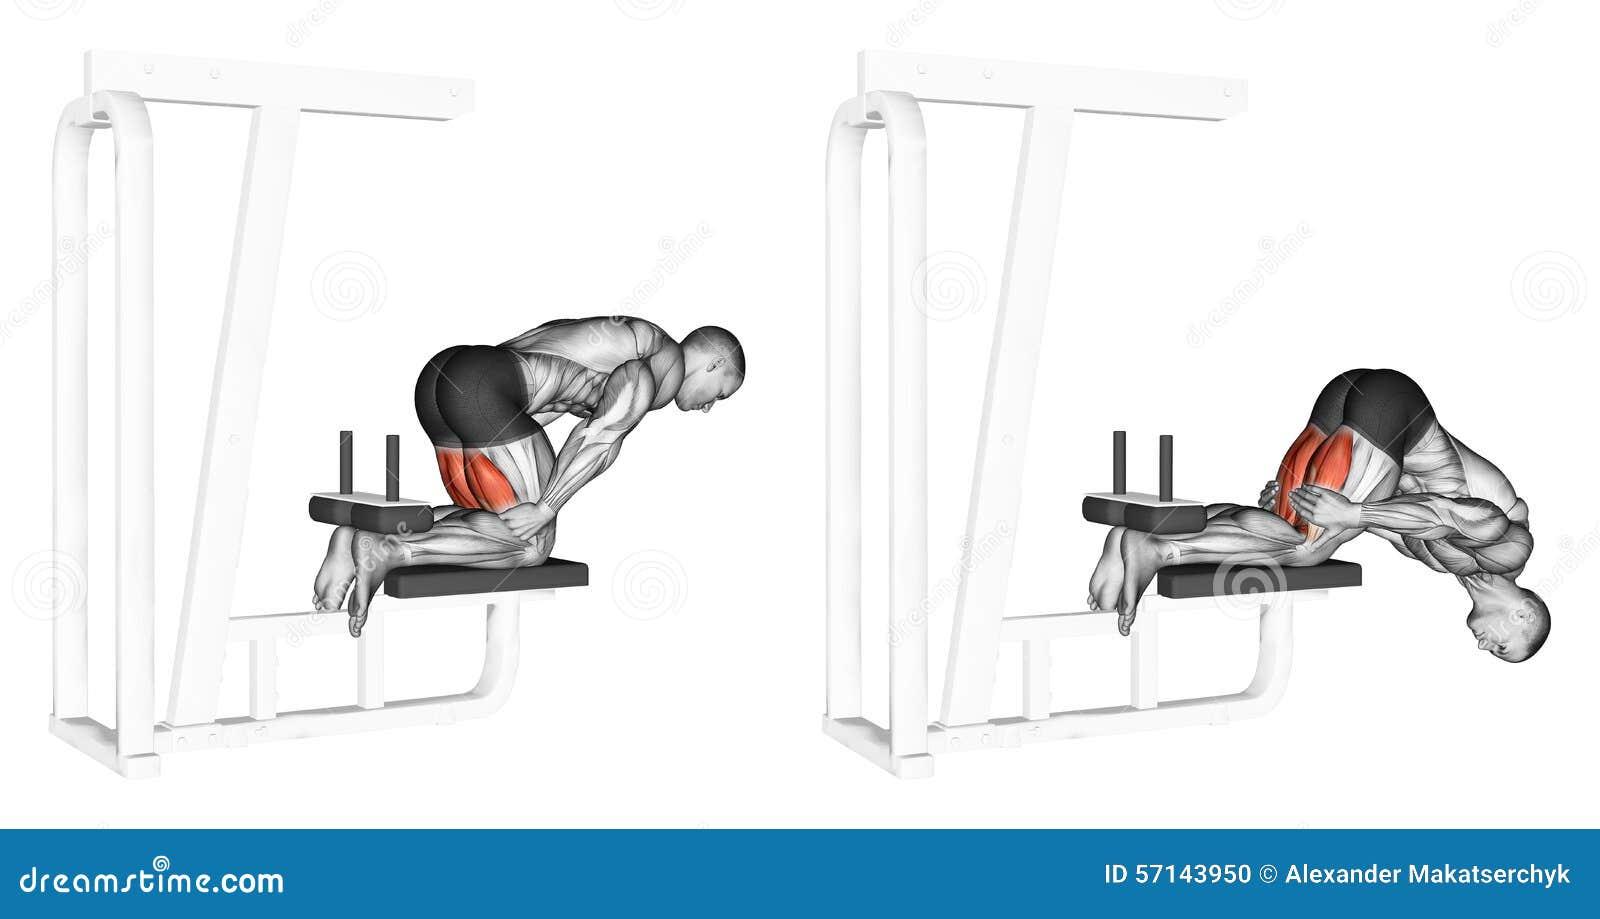 Magnífico Diagrama De Tendón De La Rodilla Viñeta - Anatomía de Las ...